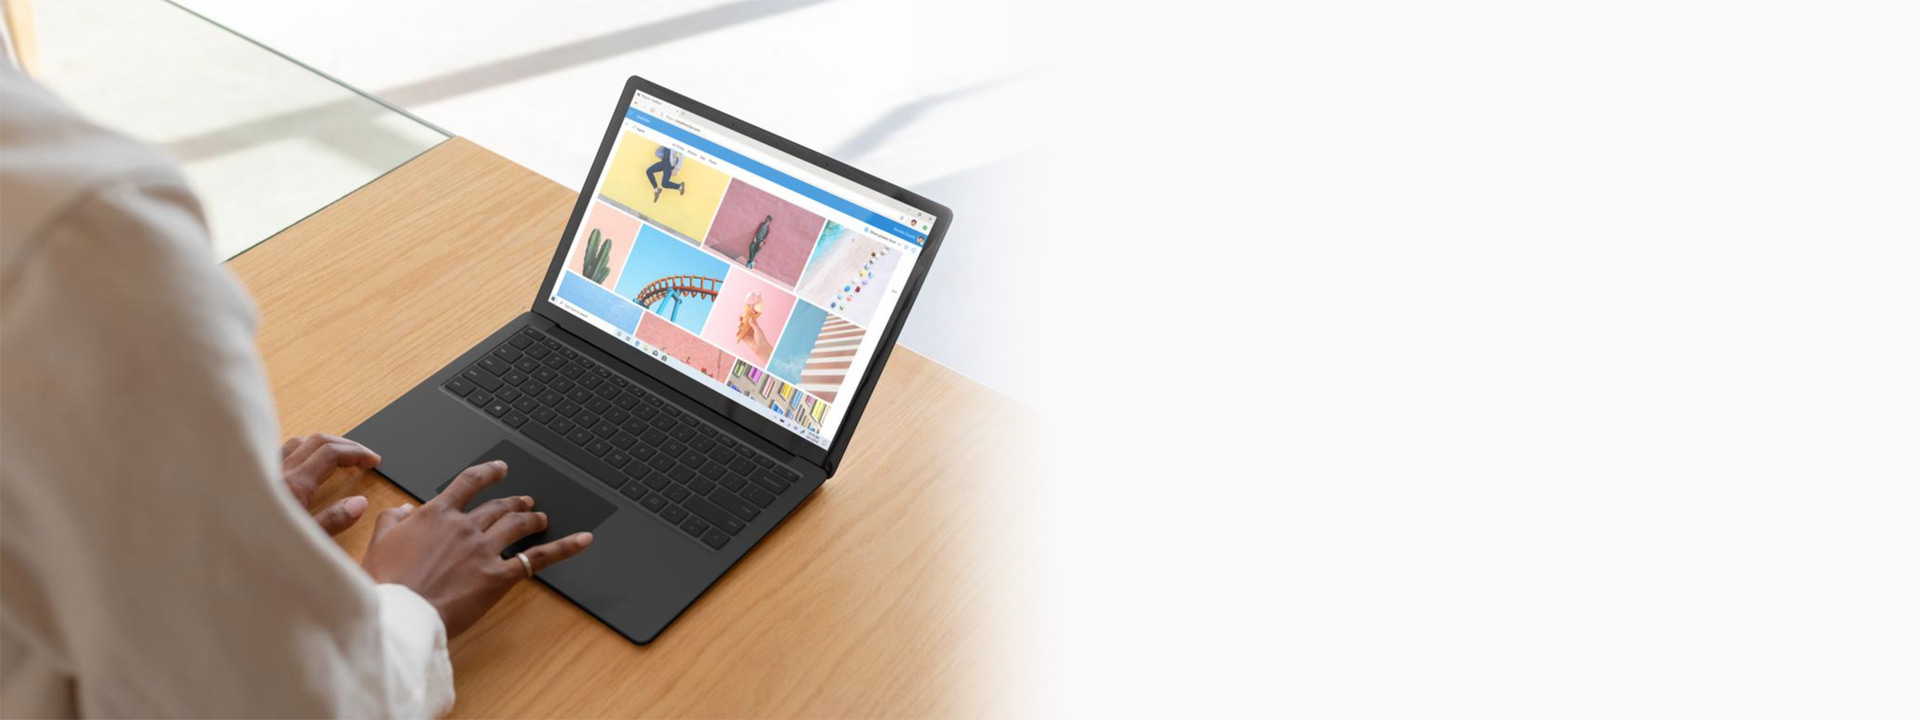 جهاز Surface Laptop 3 باللون الأسود